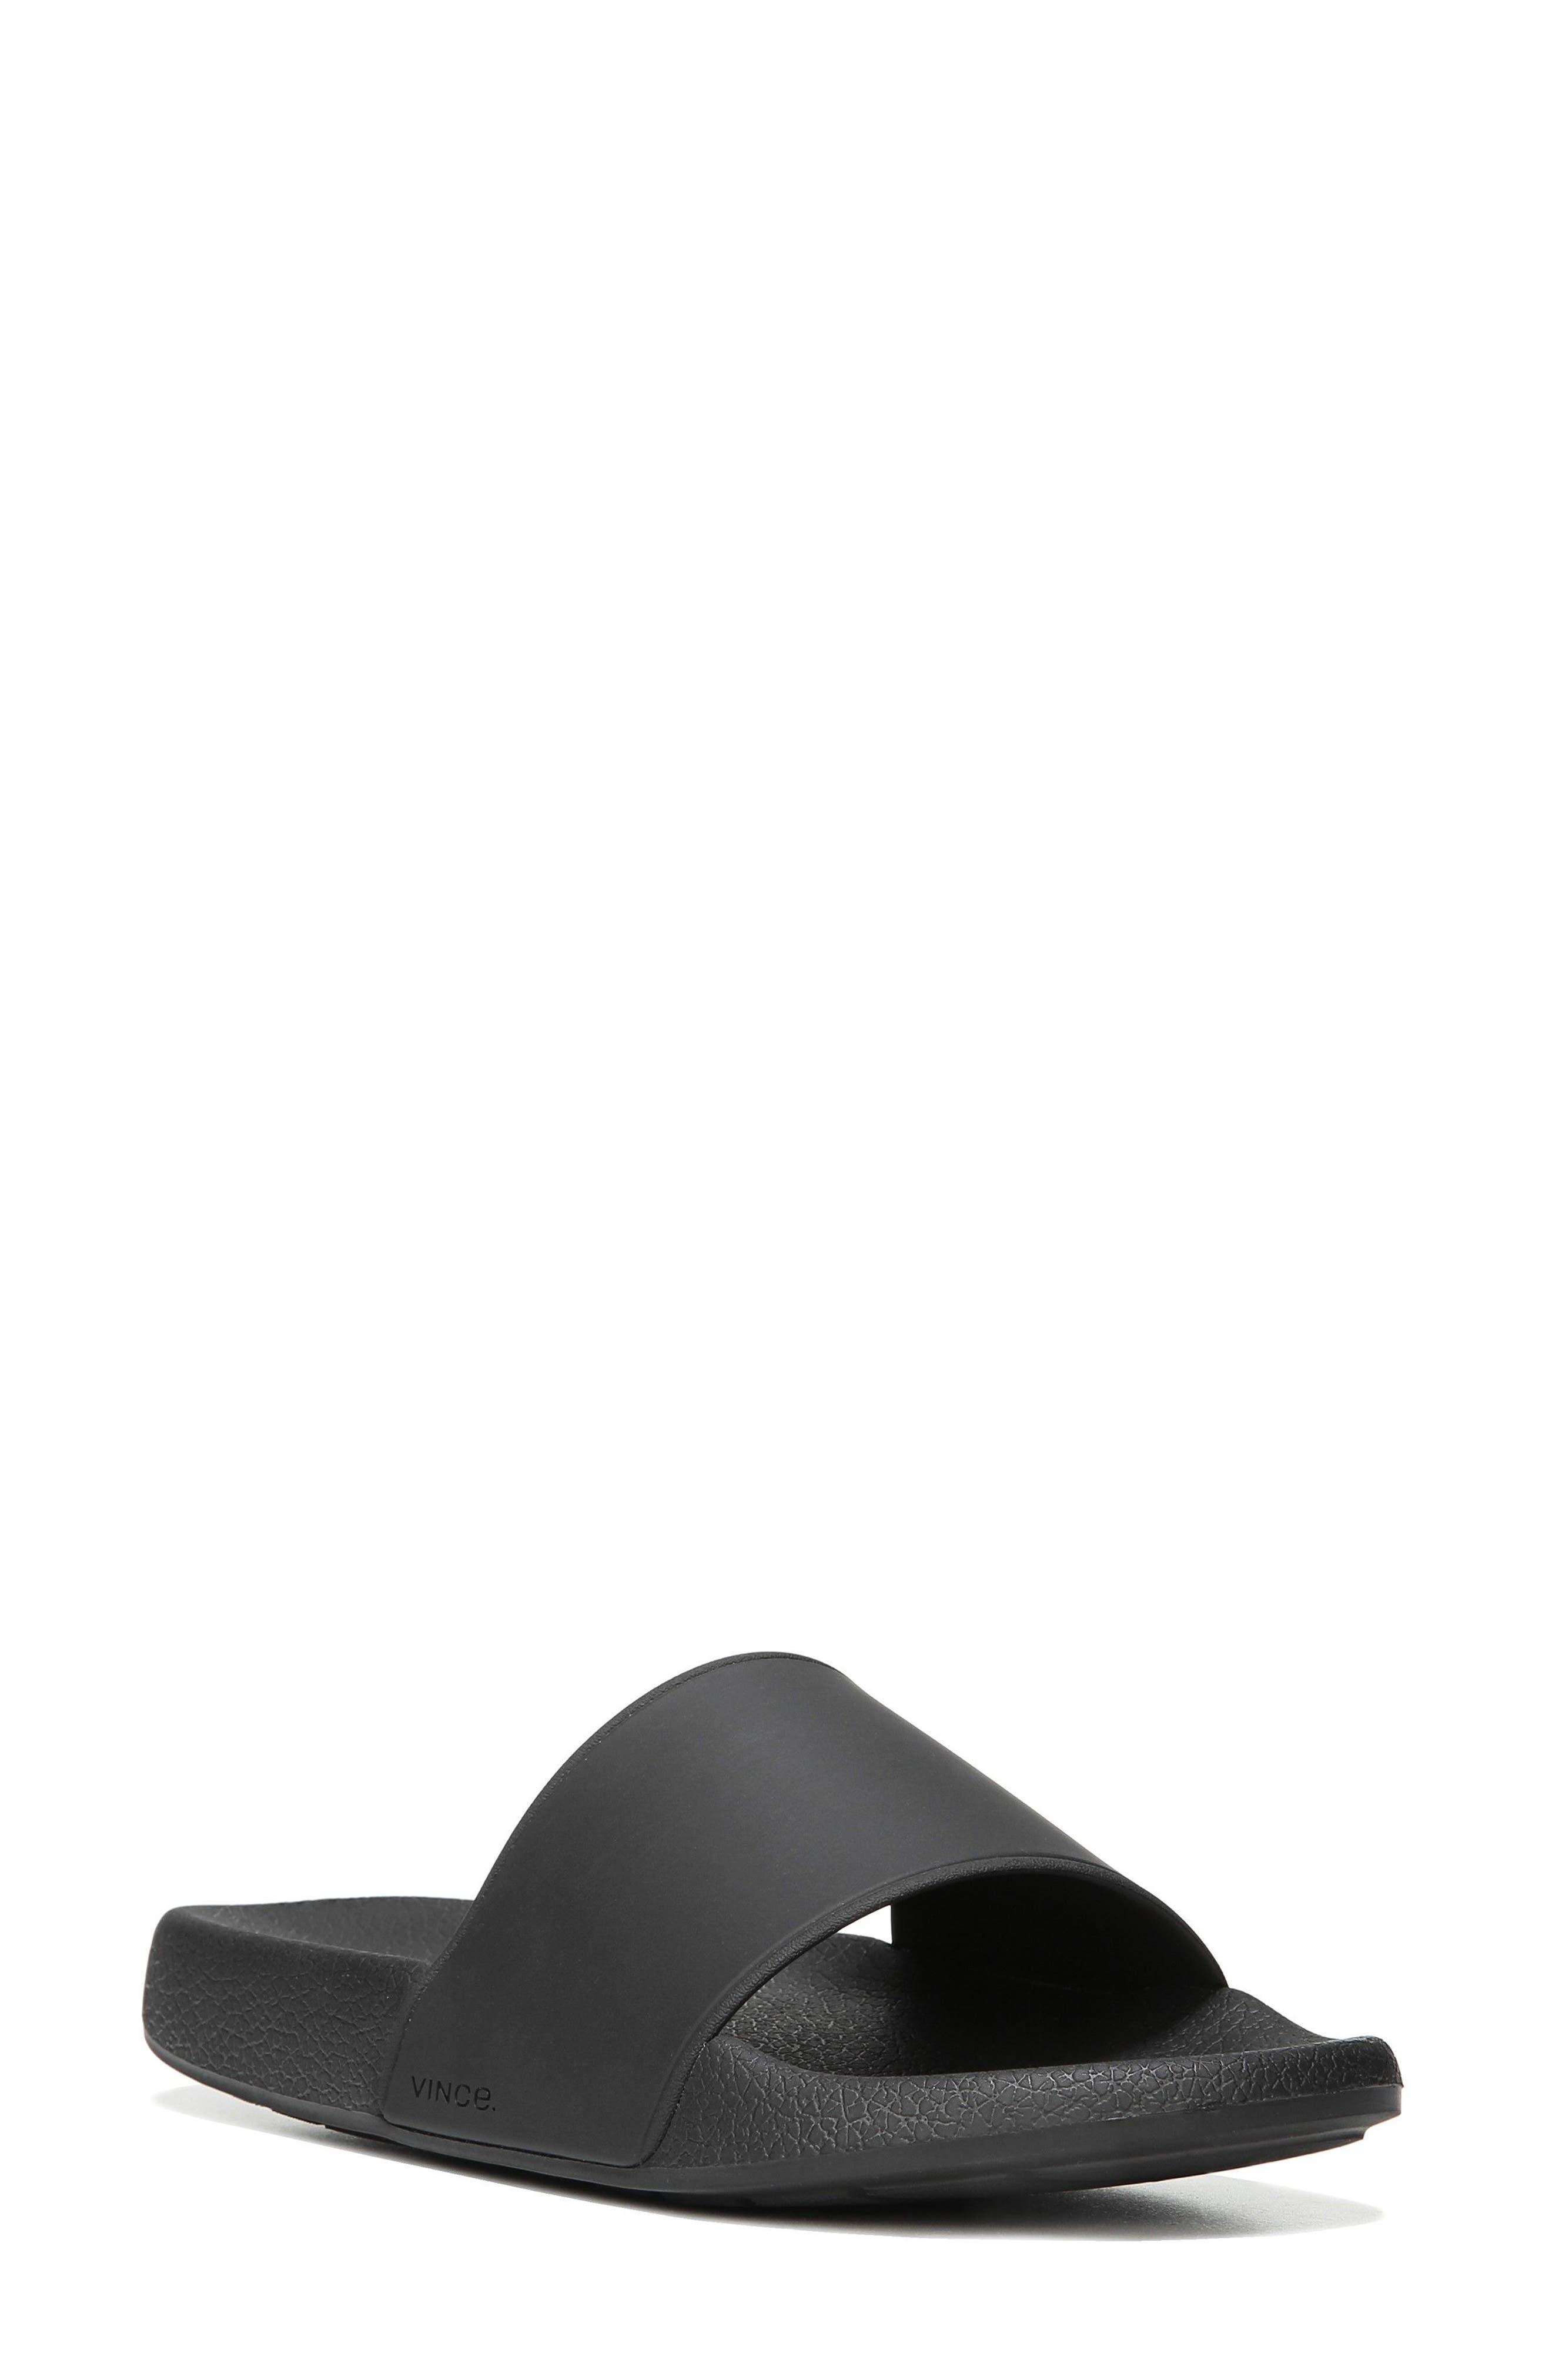 Westcoast Slide Sandal,                             Main thumbnail 5, color,